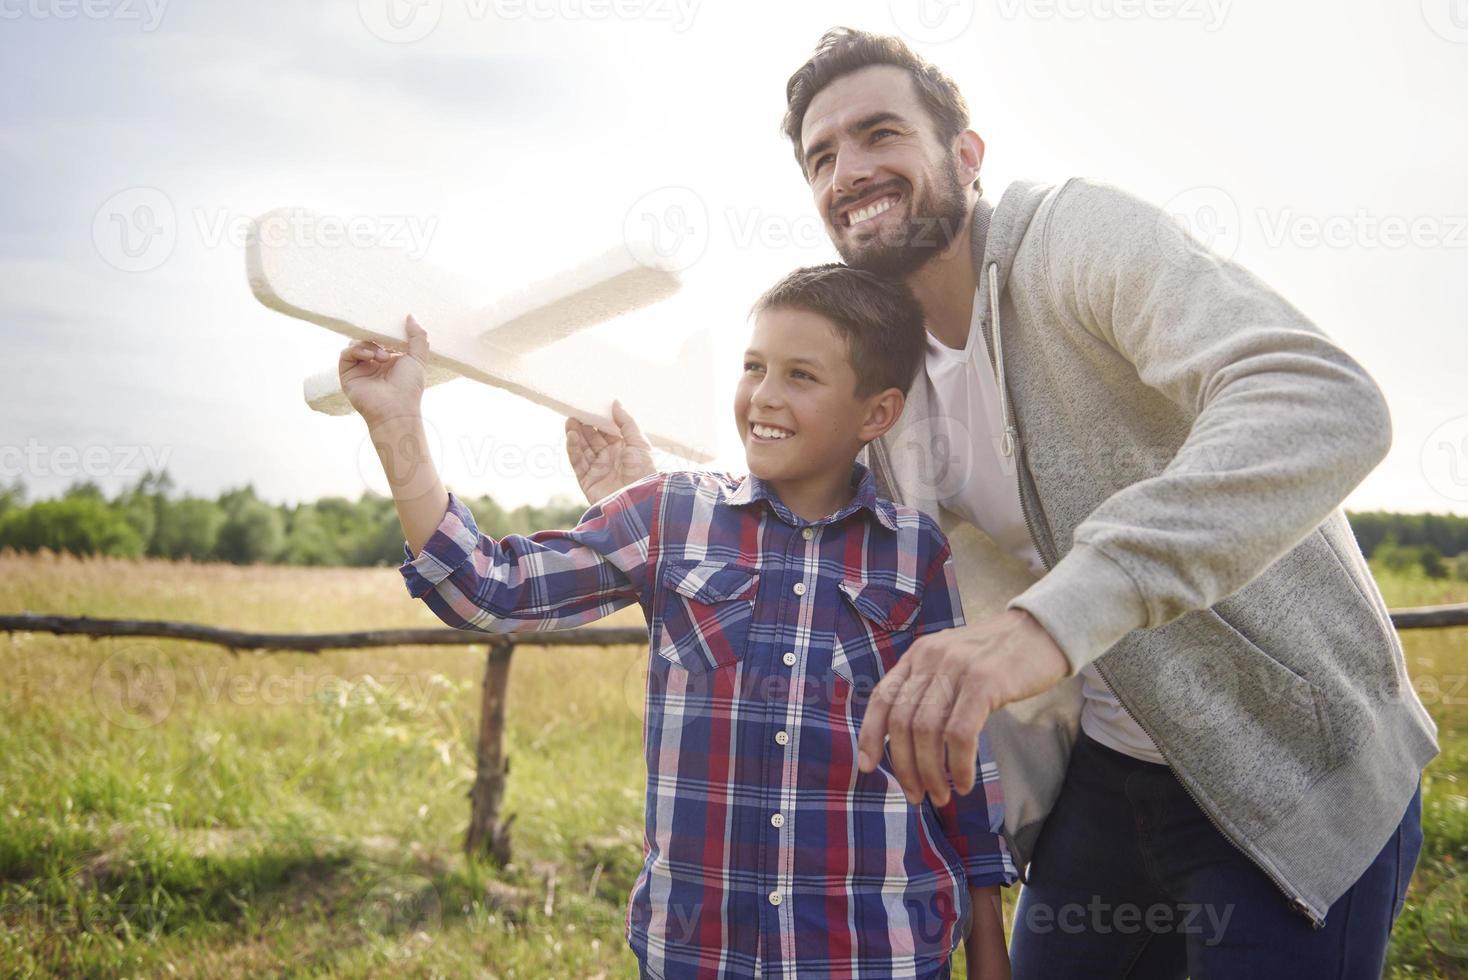 vader en zoon testen een papieren vliegtuig foto